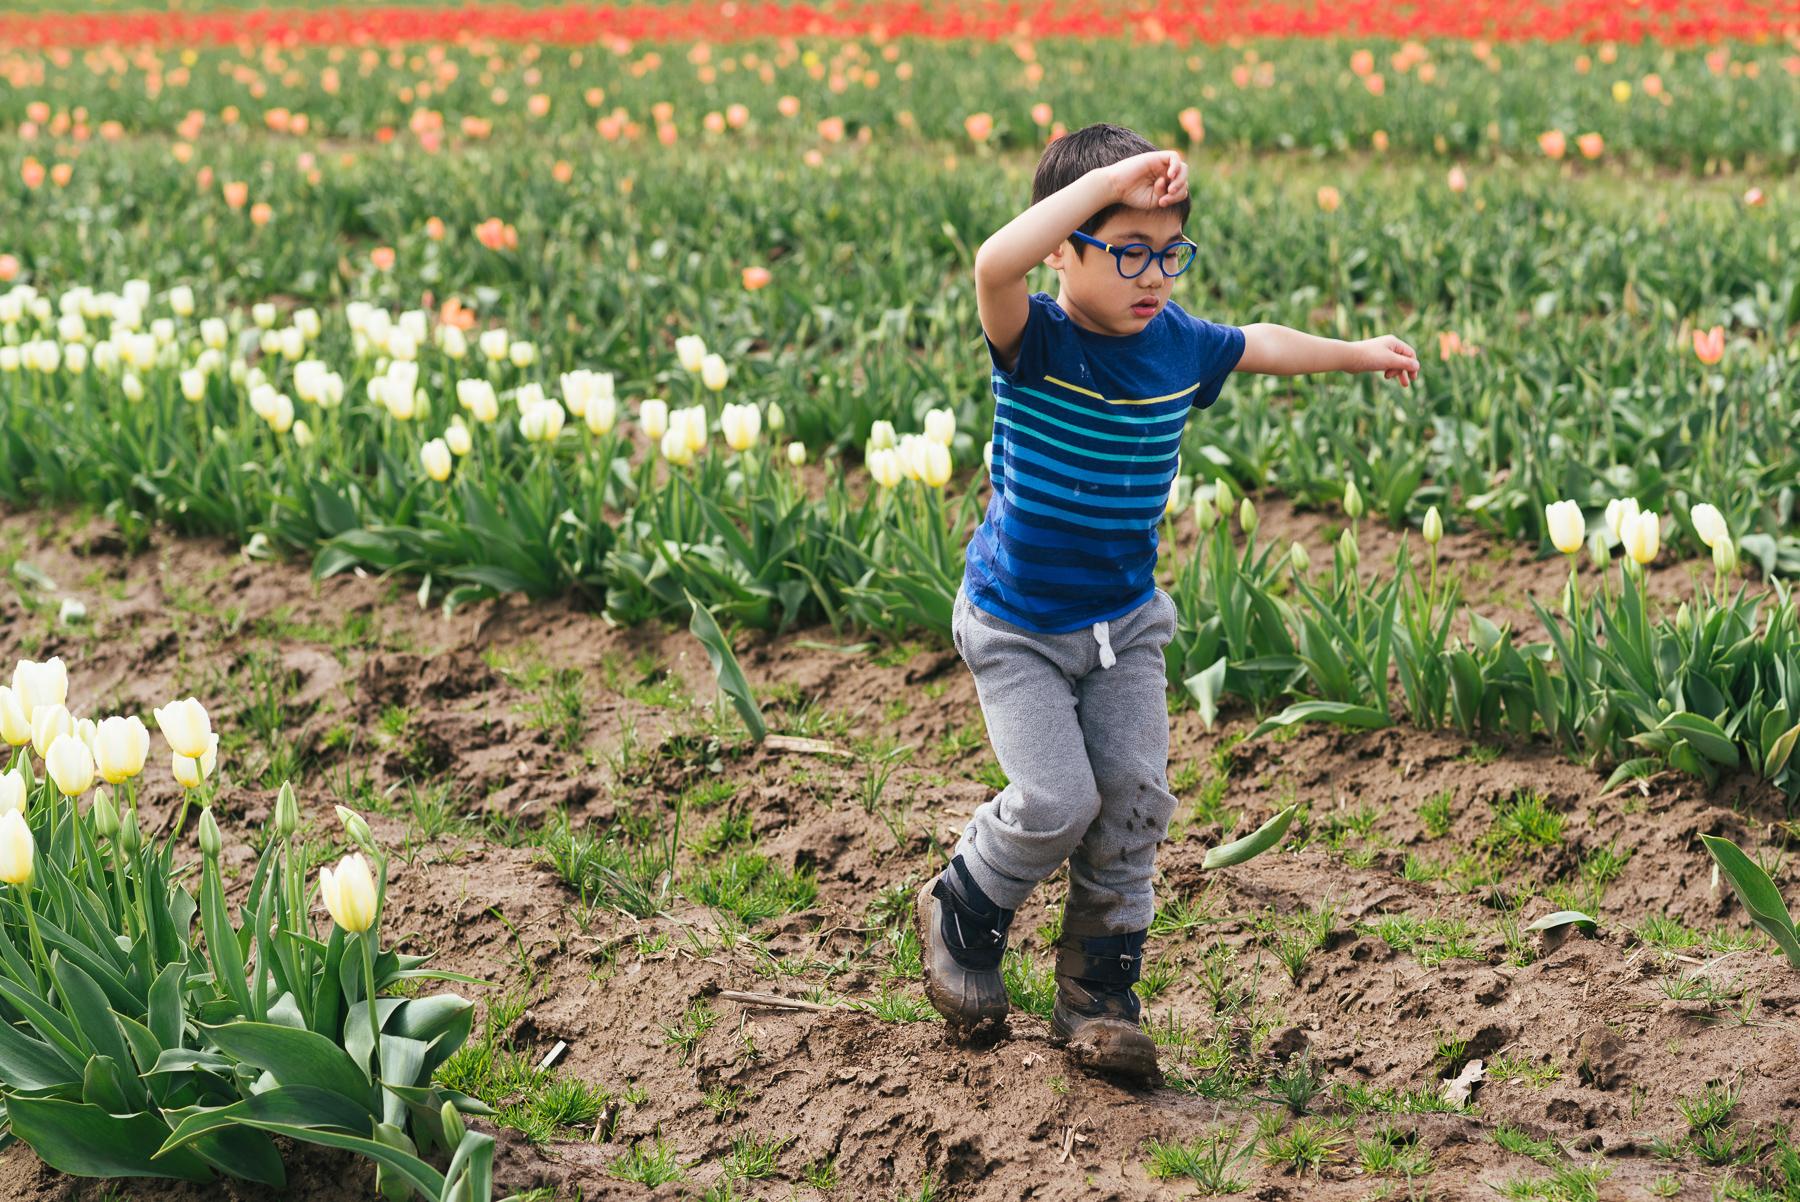 boy running in between rows of tulips